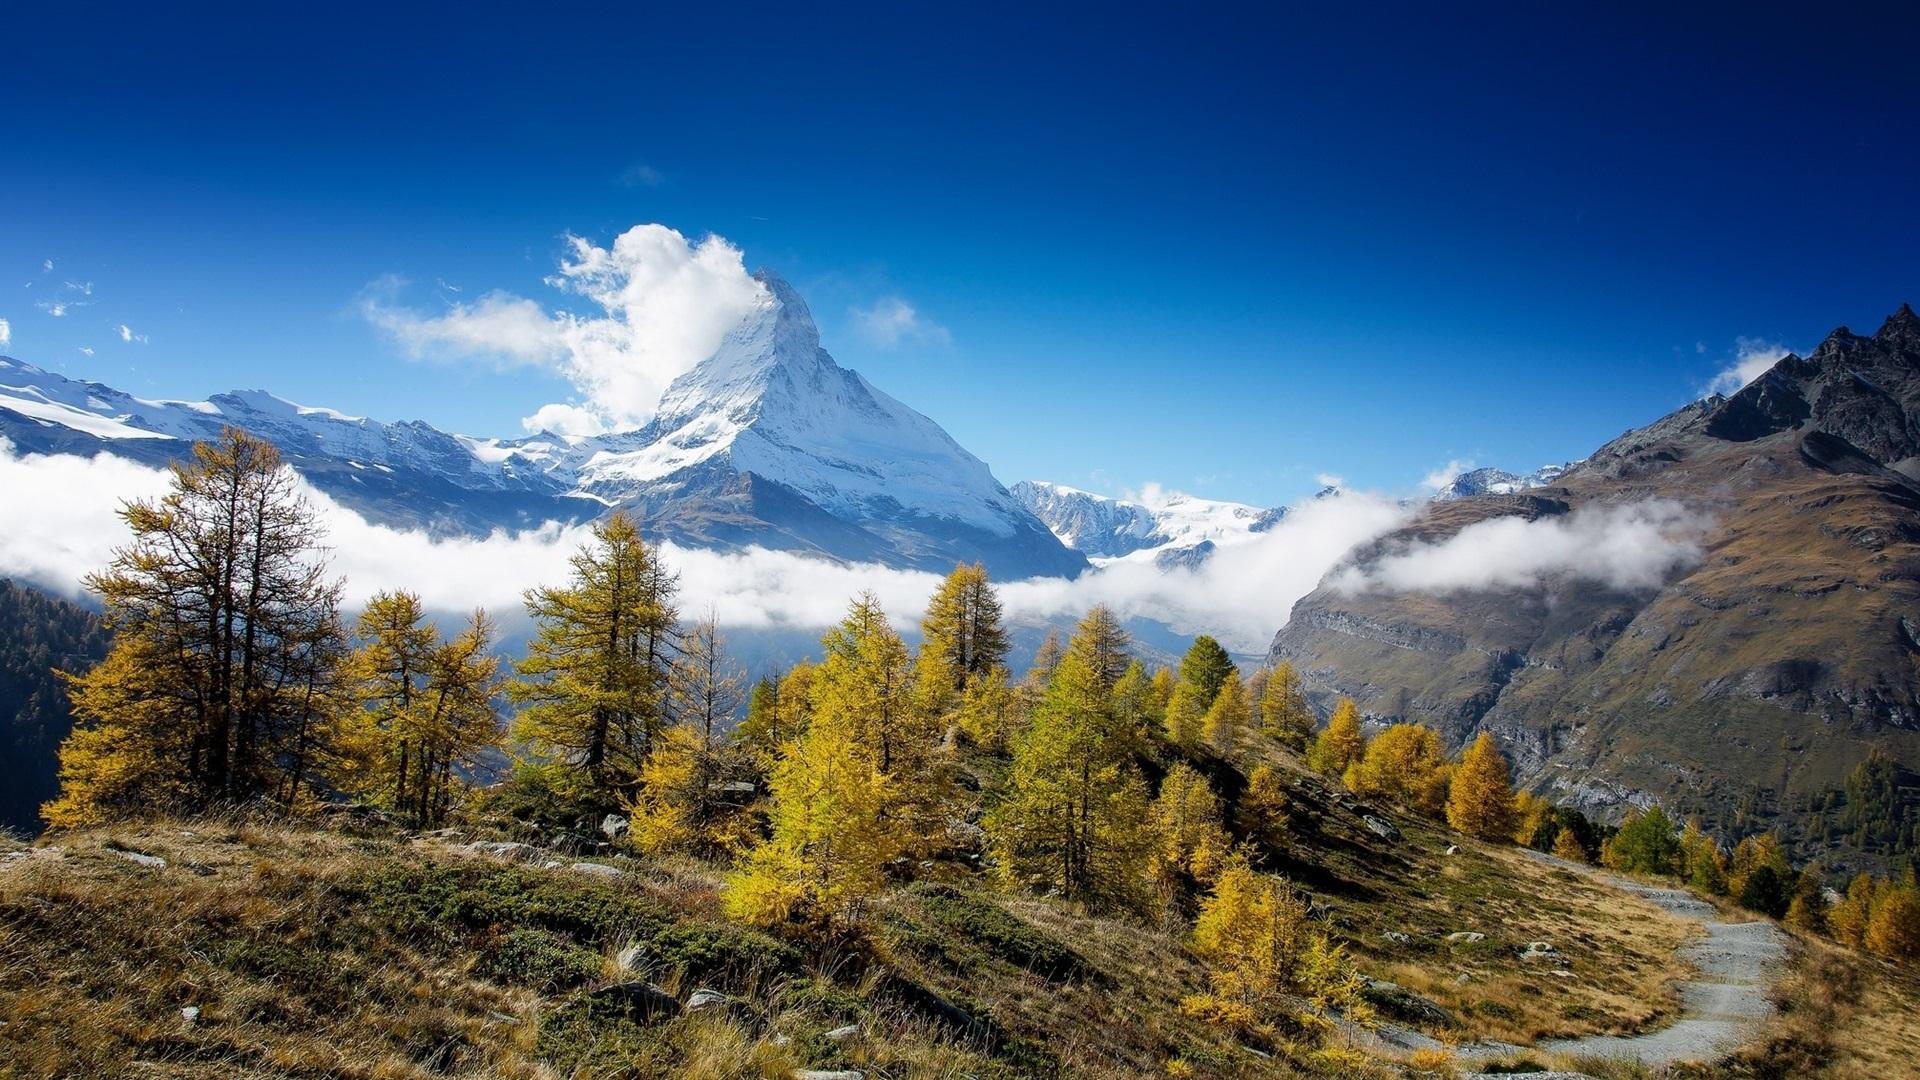 foto de Fonds d'écran Paysage de nature montagnes arbres neige